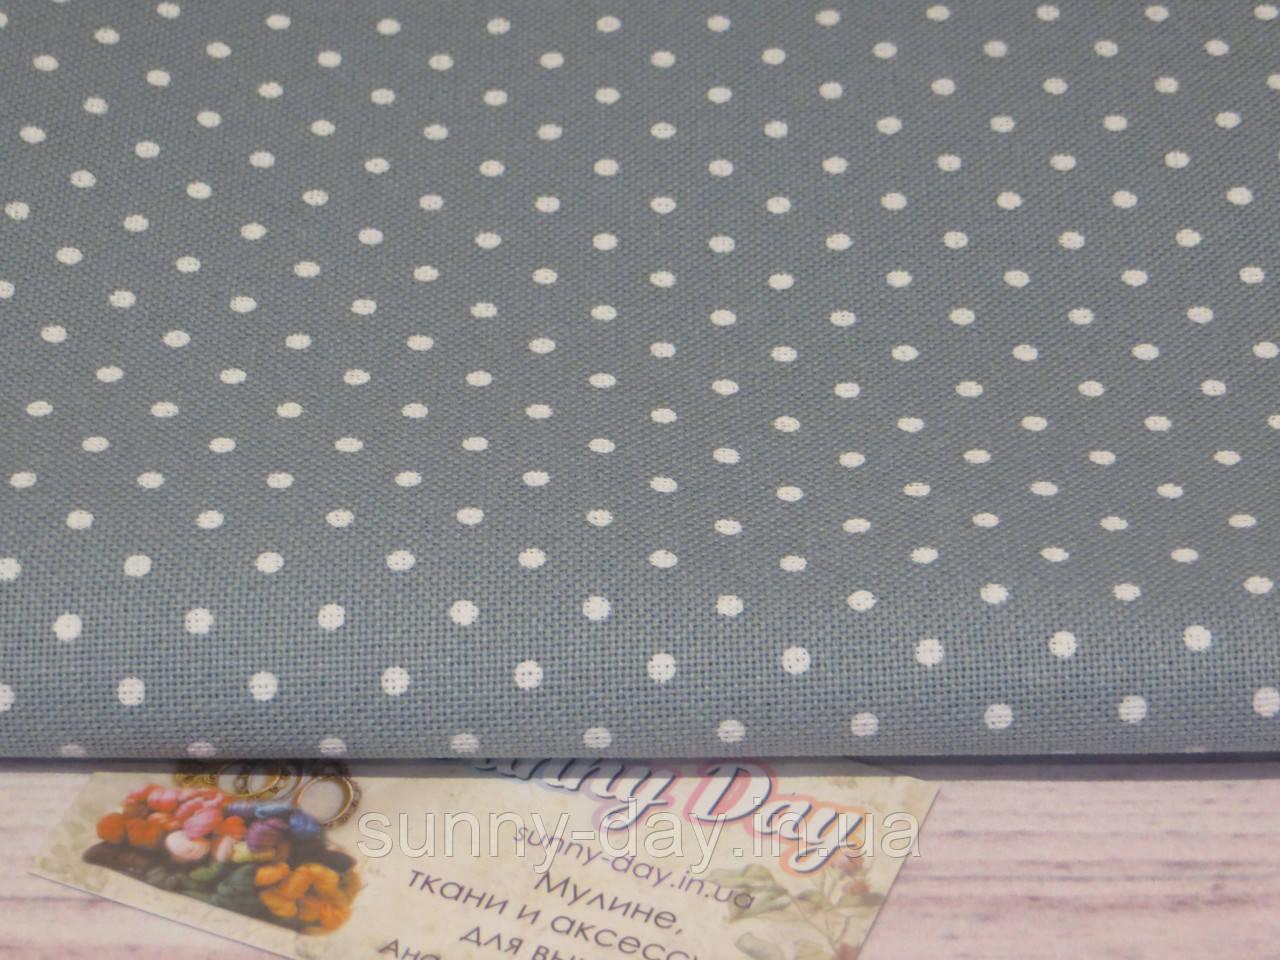 3984/5269, Murano Lugana, колір - Antique Blue & white dots (античний синій в білий горох), 32 ct